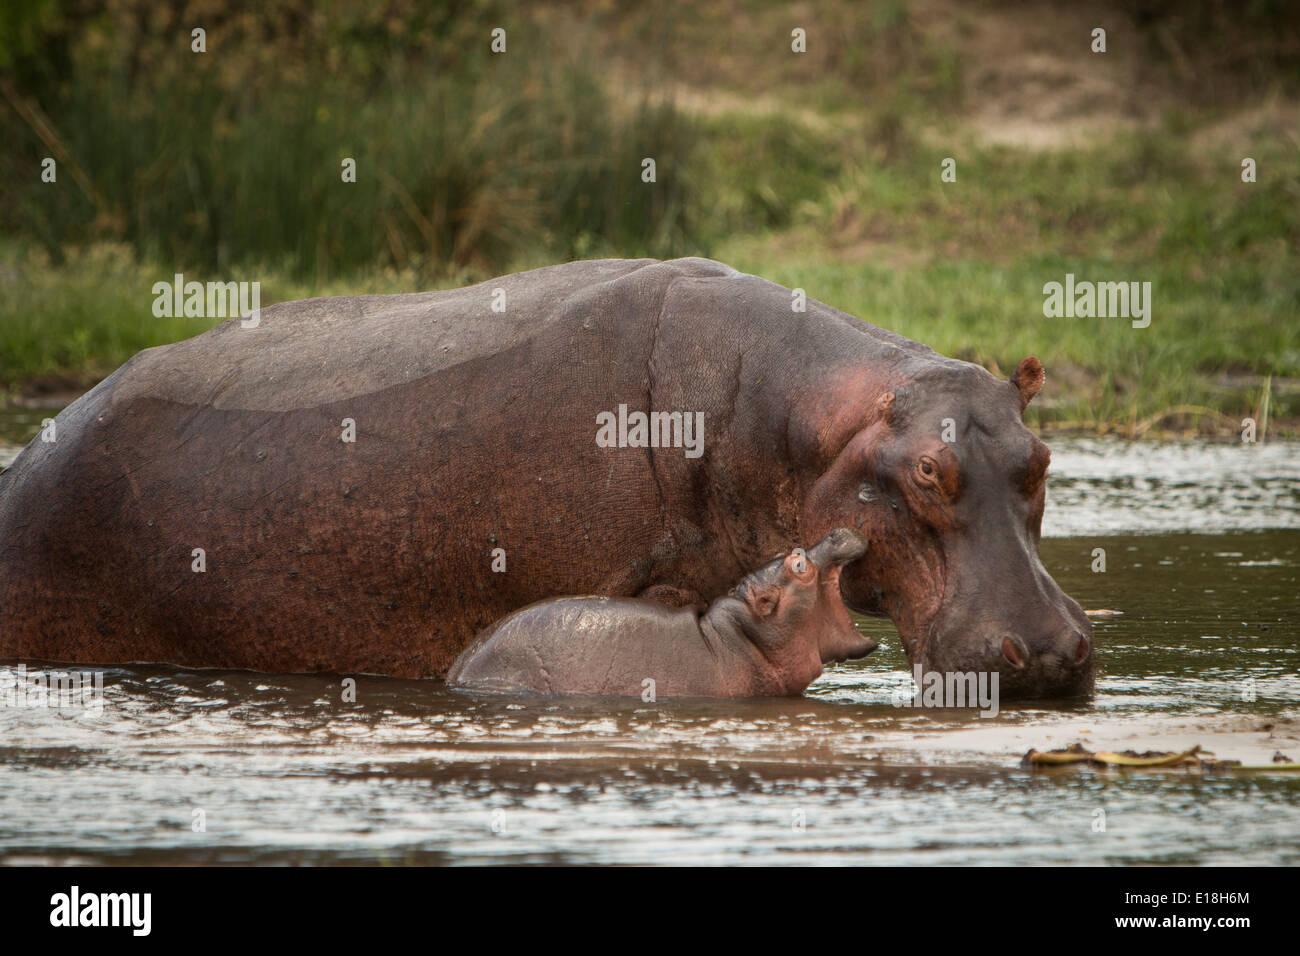 Hipopótamos en el Parque Nacional de Murchison Falls, Uganda, África Oriental. Foto de stock